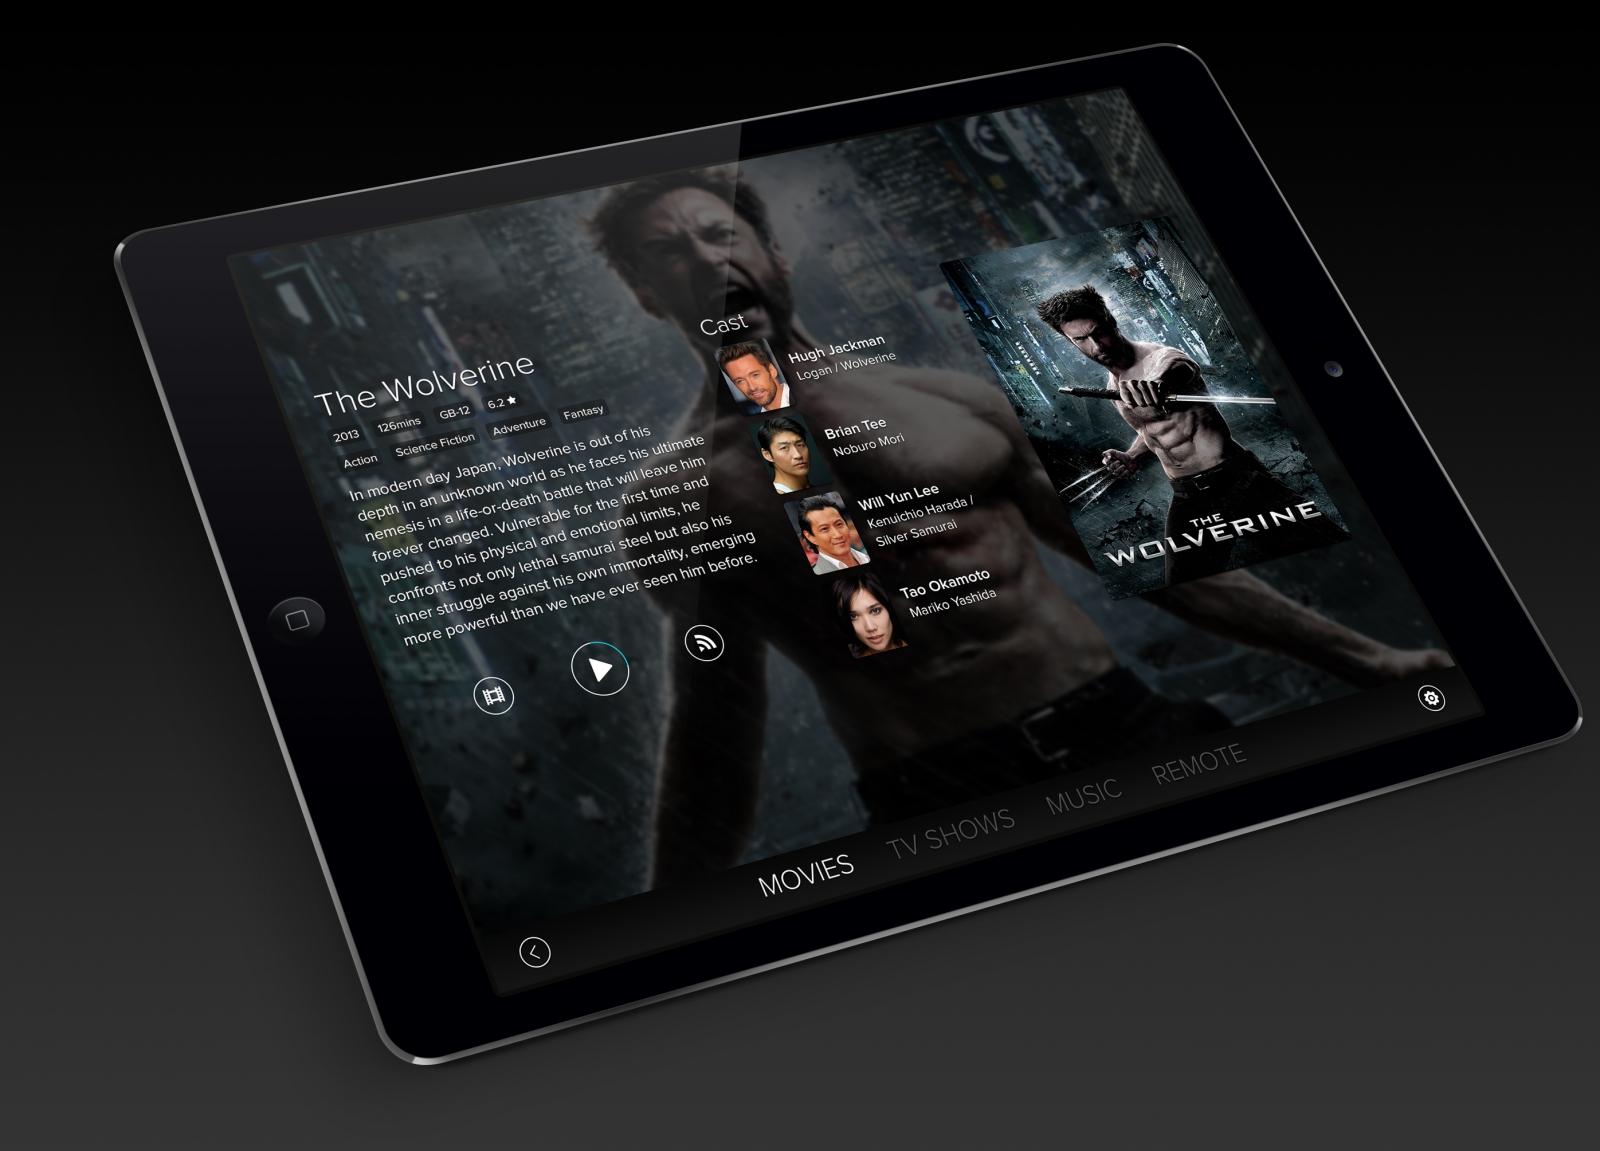 528d230085255_iPadPerspective.jpg